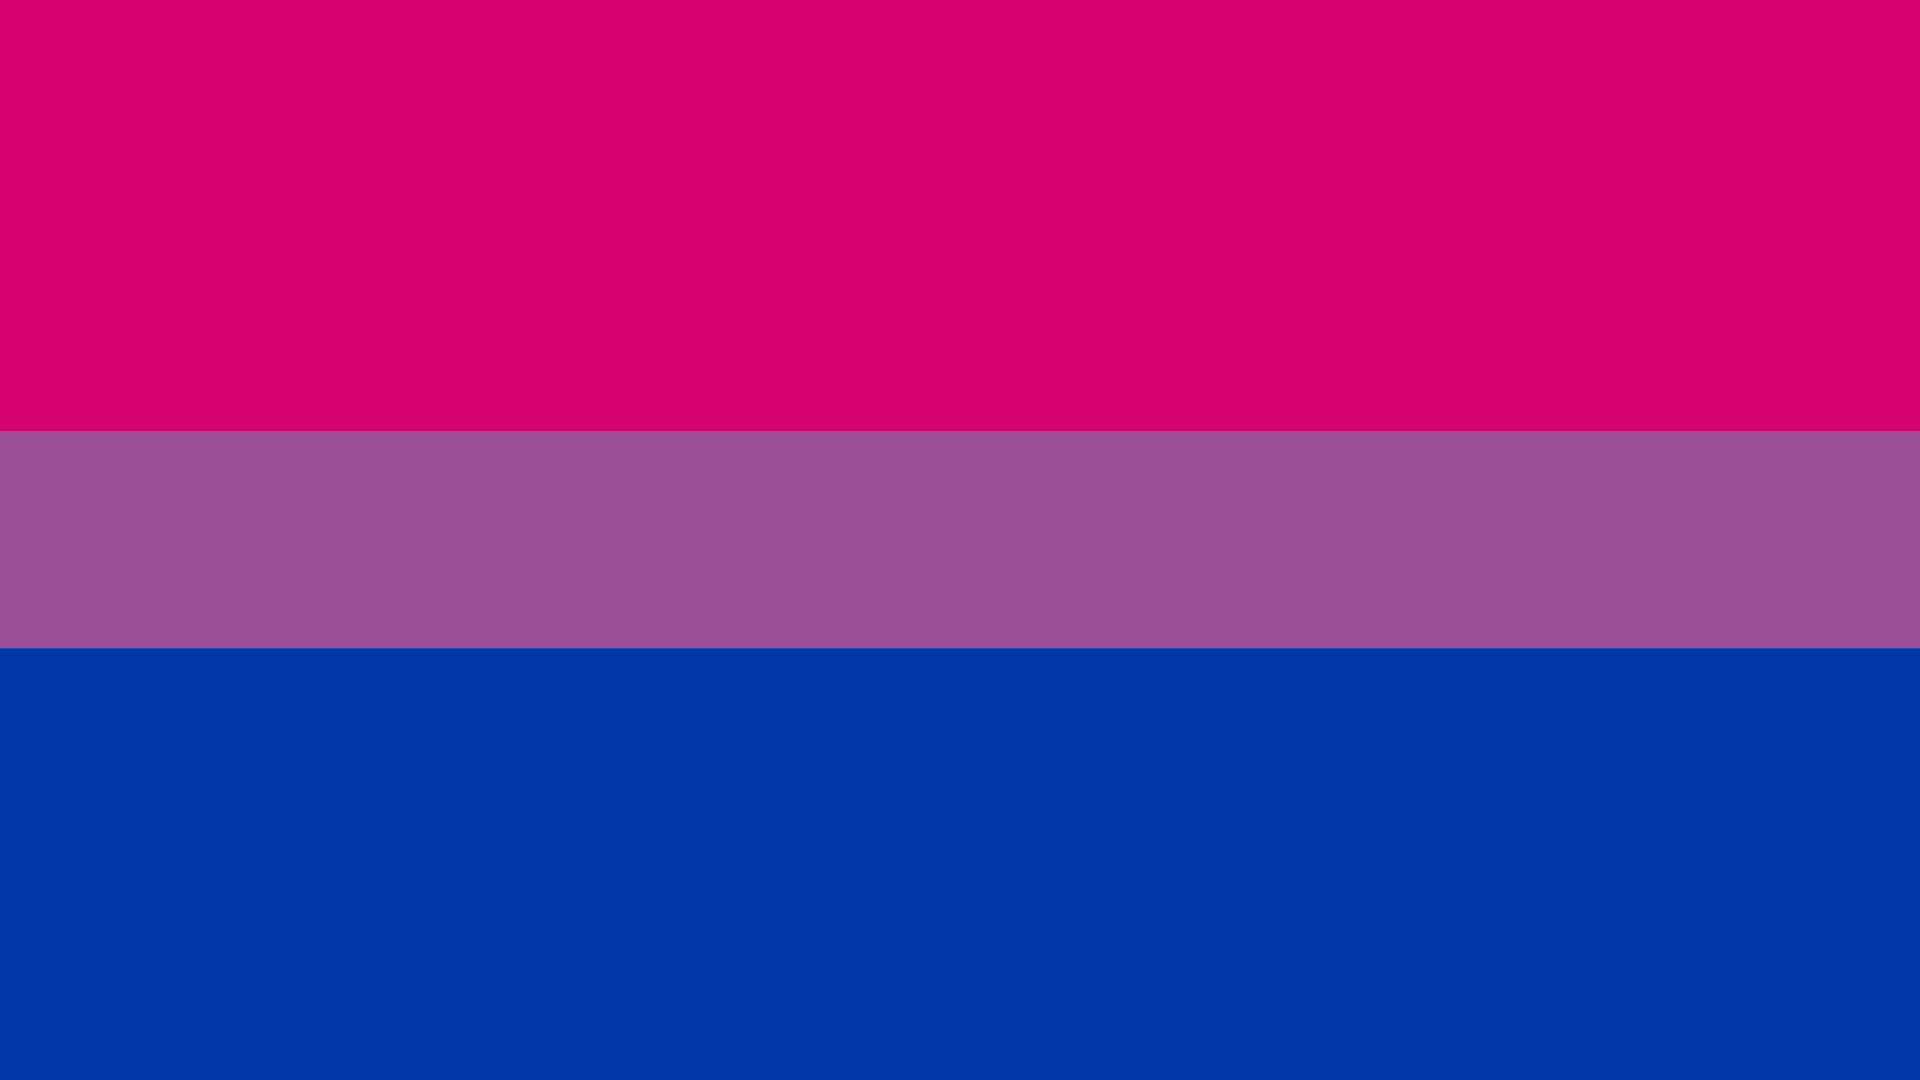 Bisexualität: Die Bedeutung der Flagge einfach erklärt